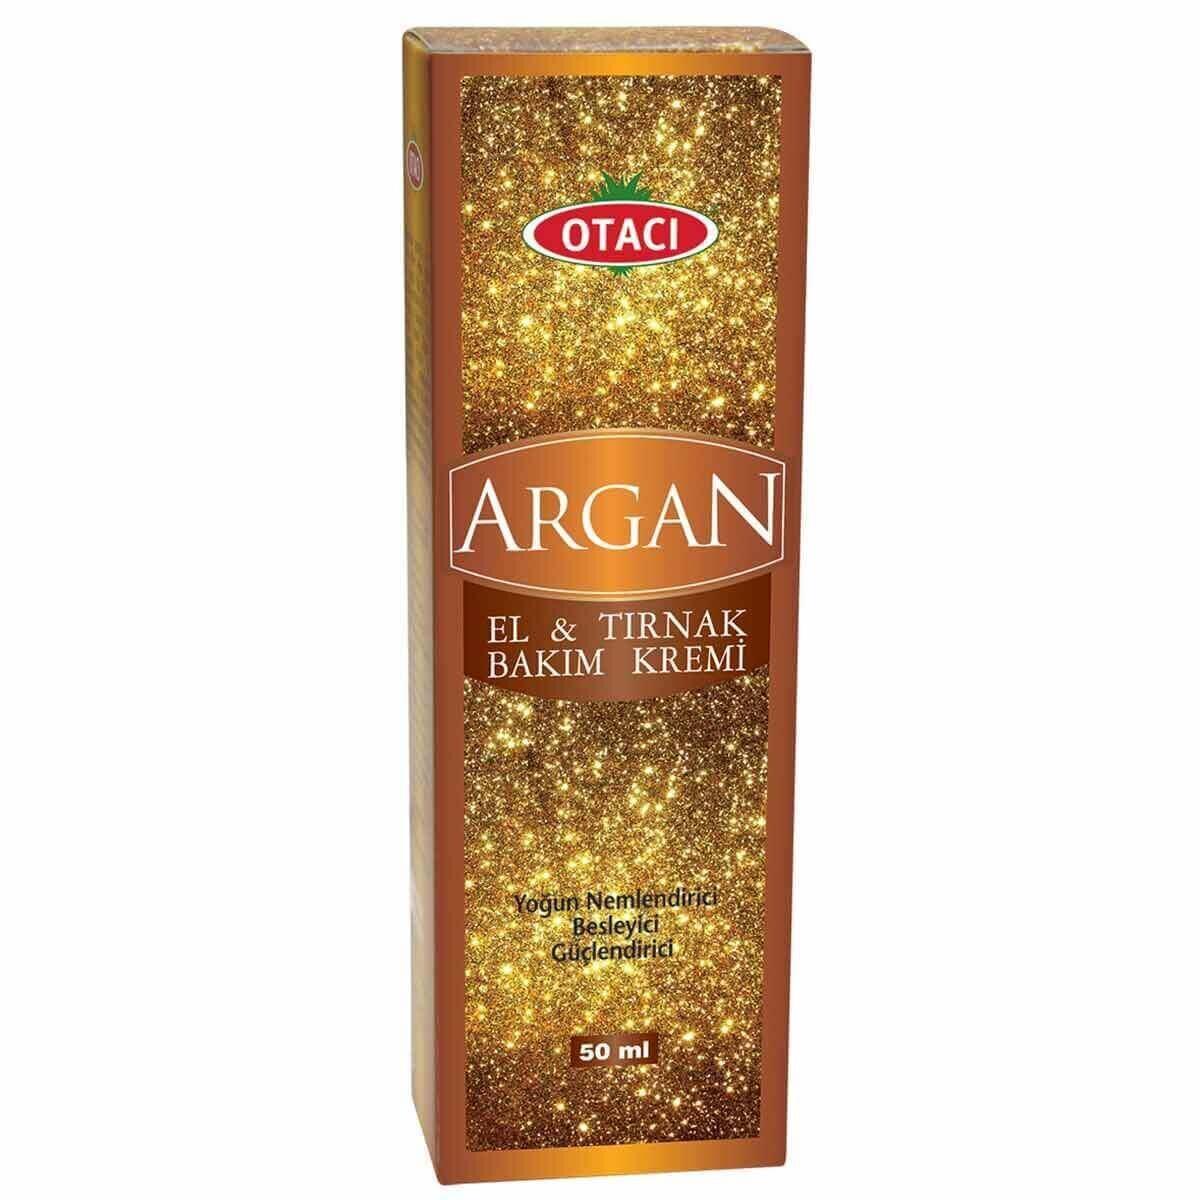 Argan El ve Tırnak Bakım Kremi 50 ml